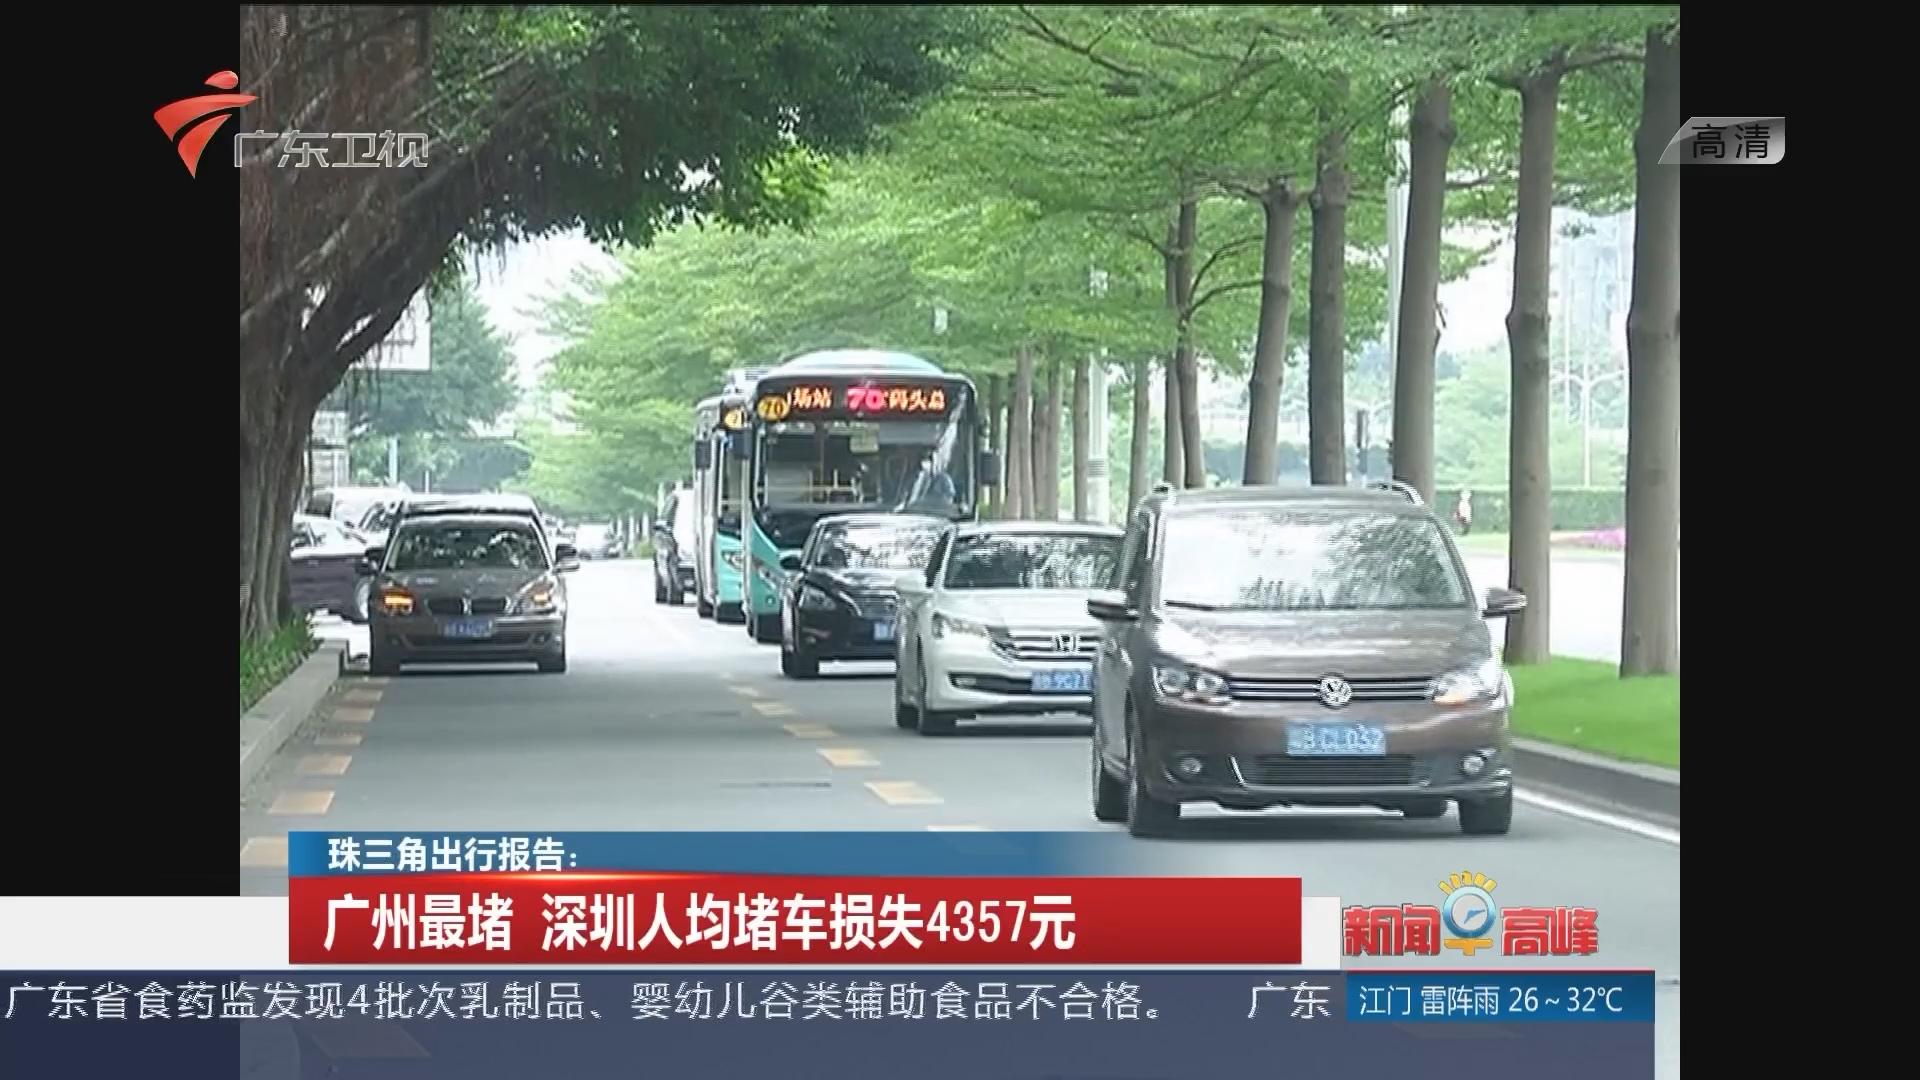 珠三角出行报告:广州最堵 深圳人均堵车损失4357元